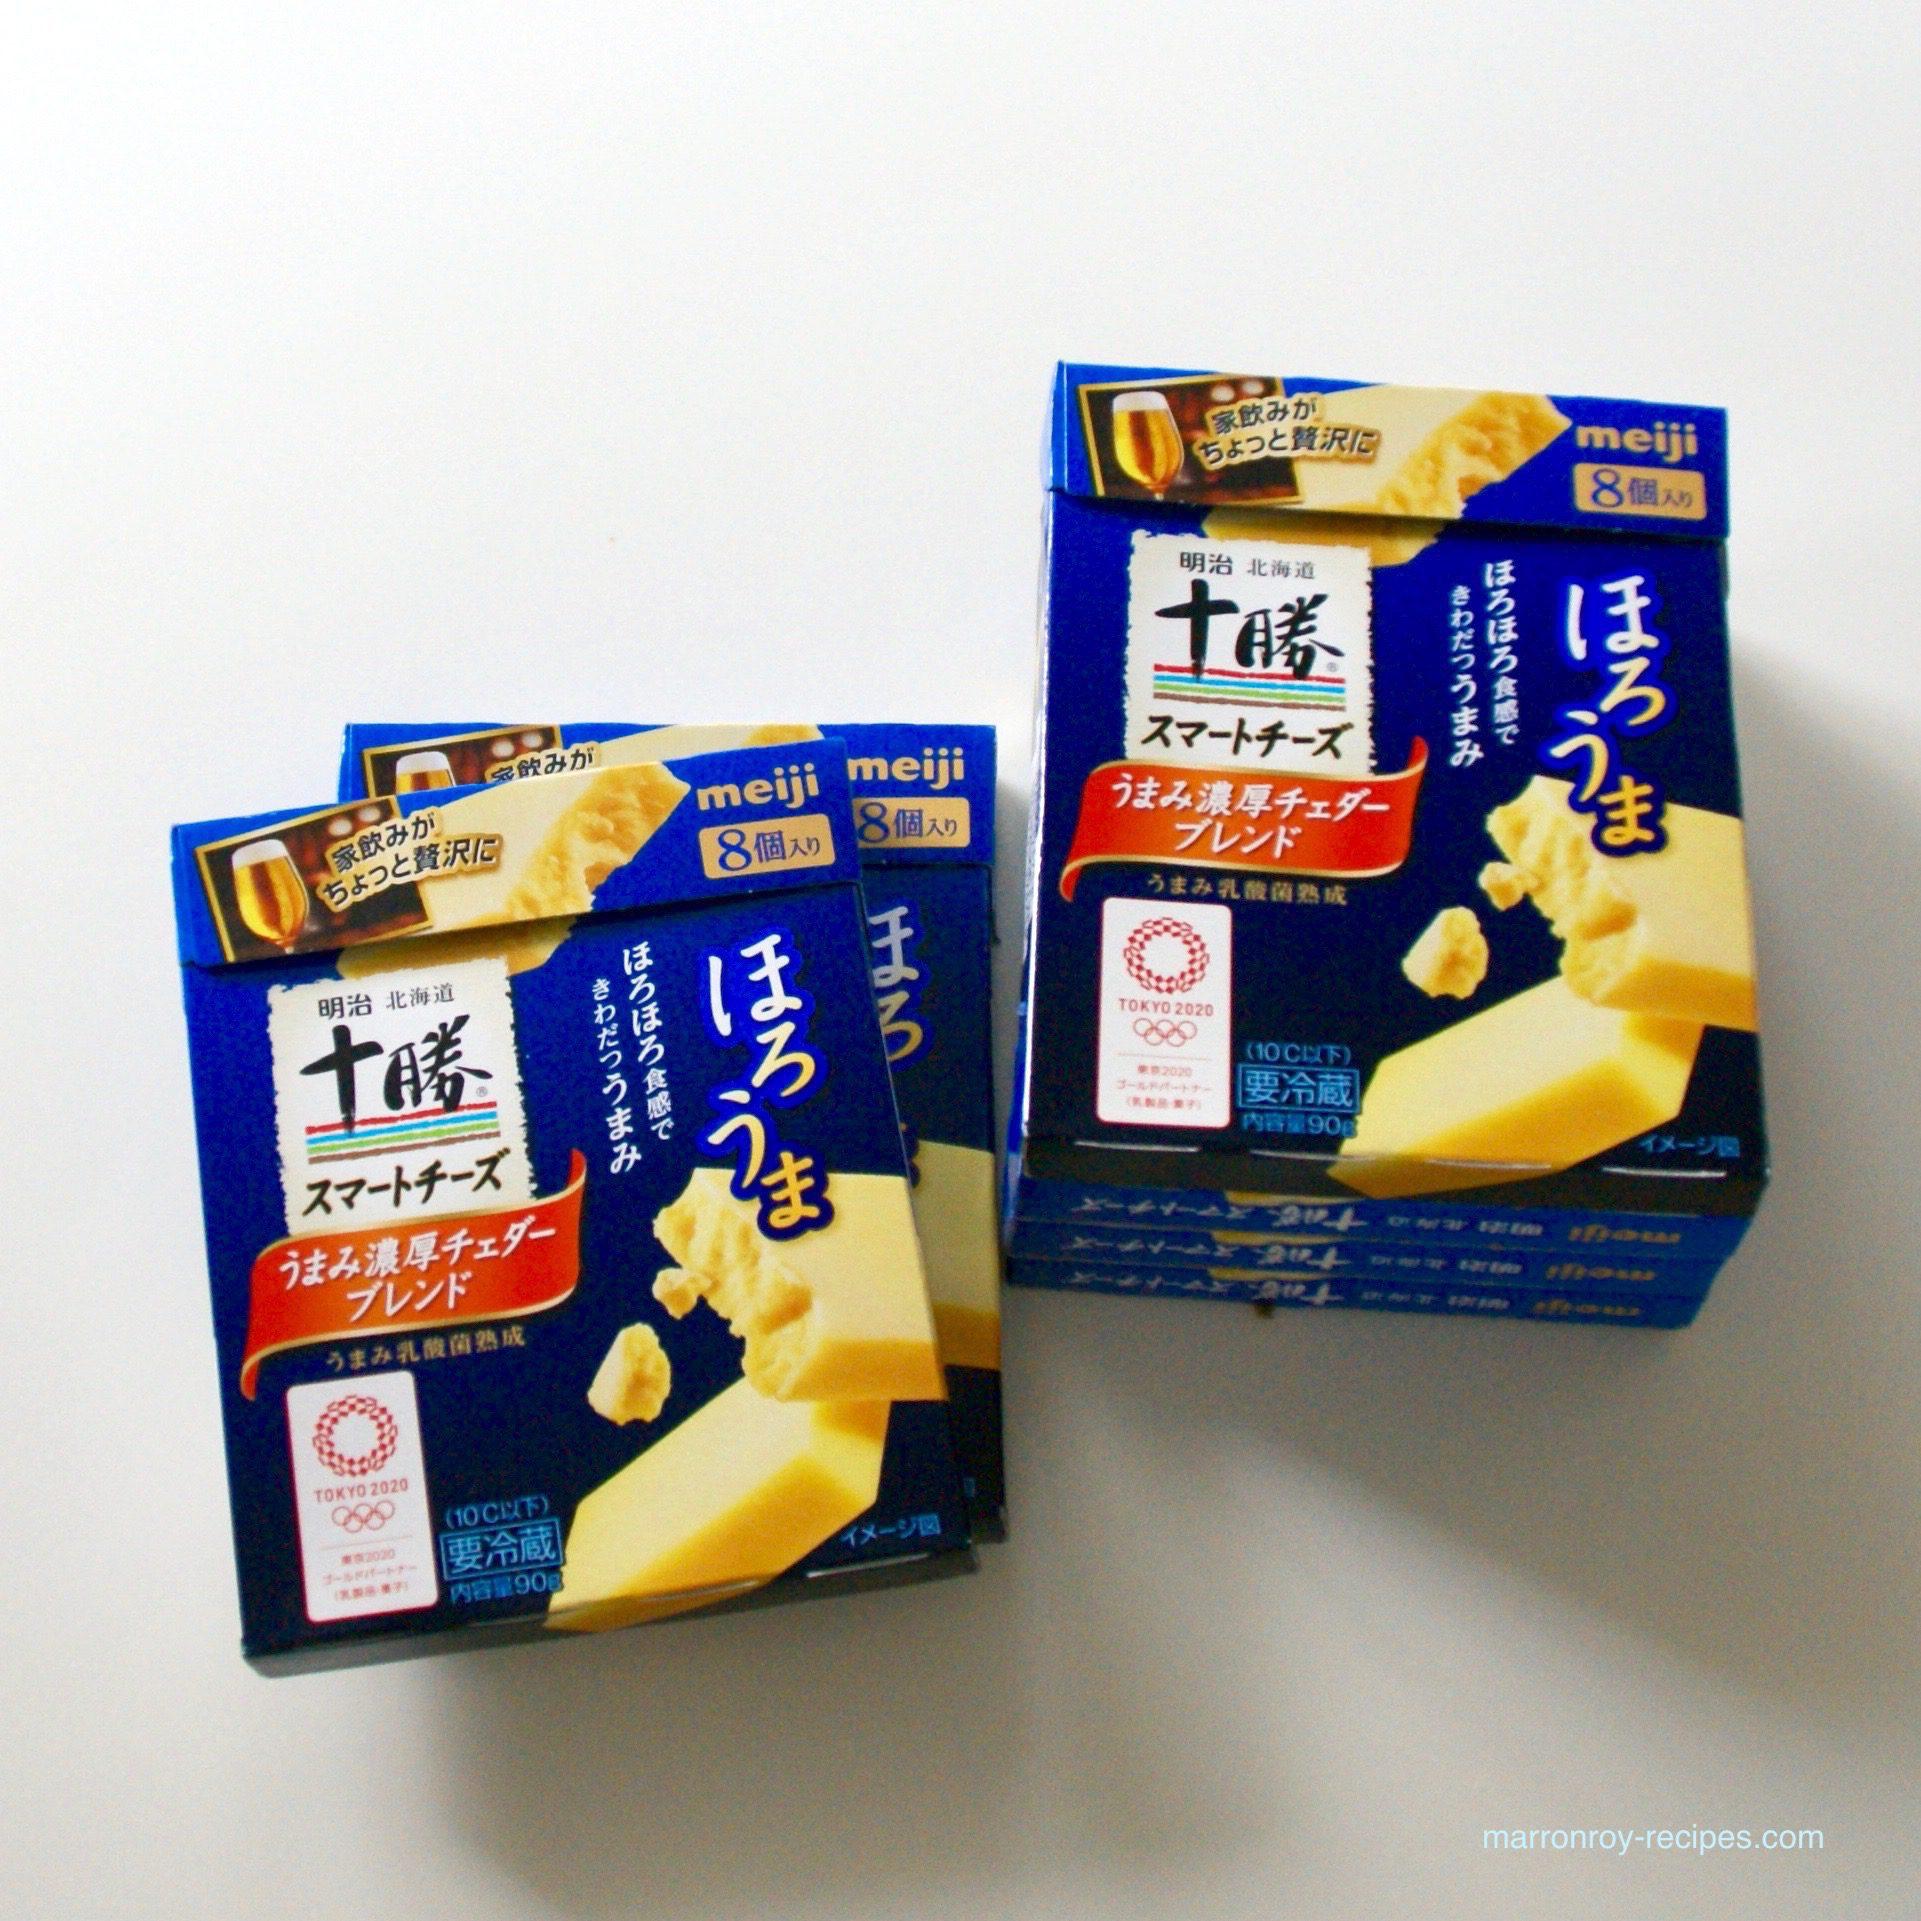 """久しぶりに国産チーズを買いました。""""明治 北海道十勝スマートチーズ"""""""